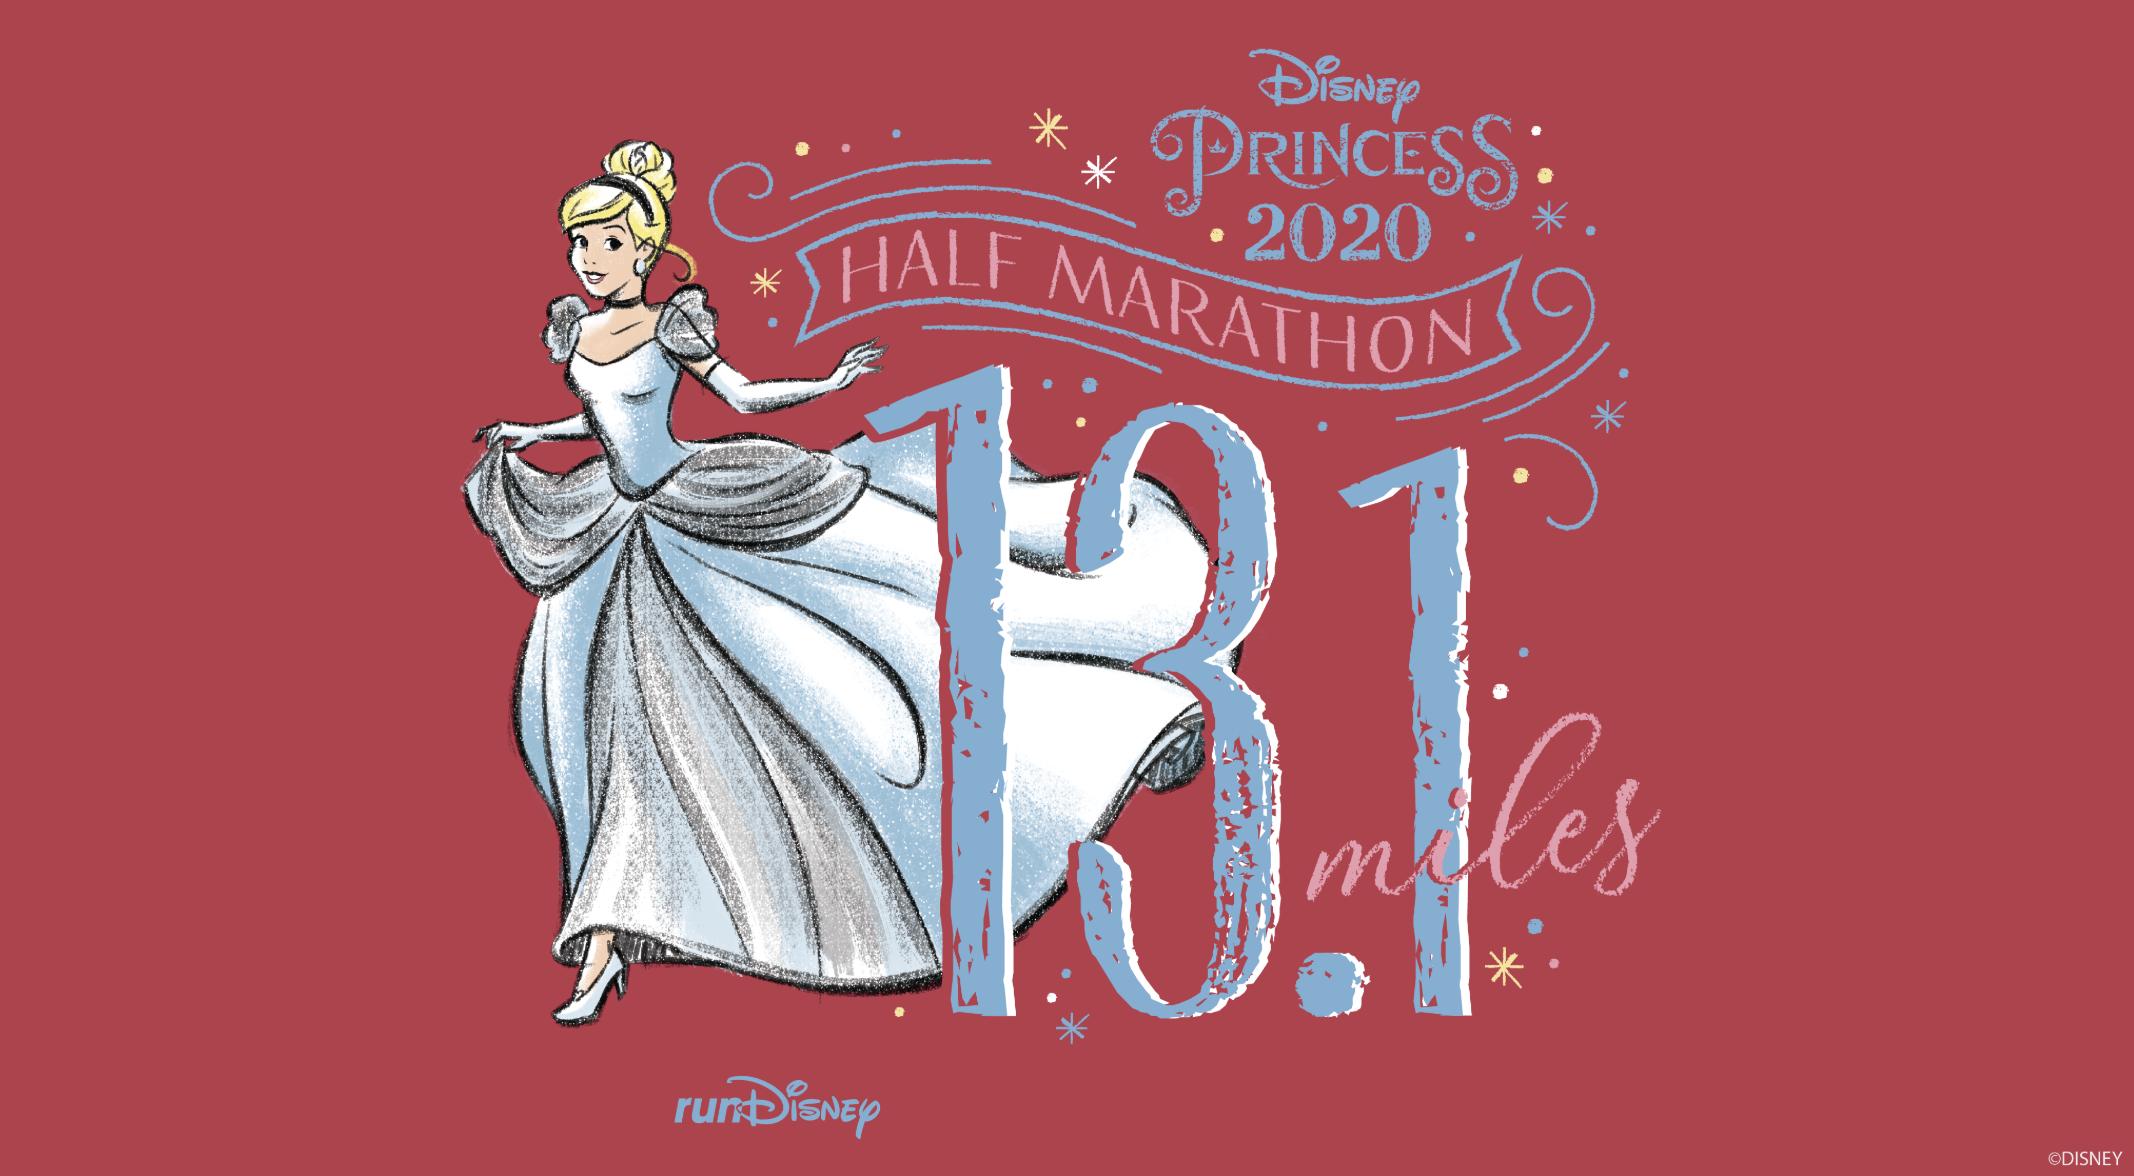 Half Marathon Schedule 2020 2020 Disney Princess Half Marathon Weekend Themes Revealed!